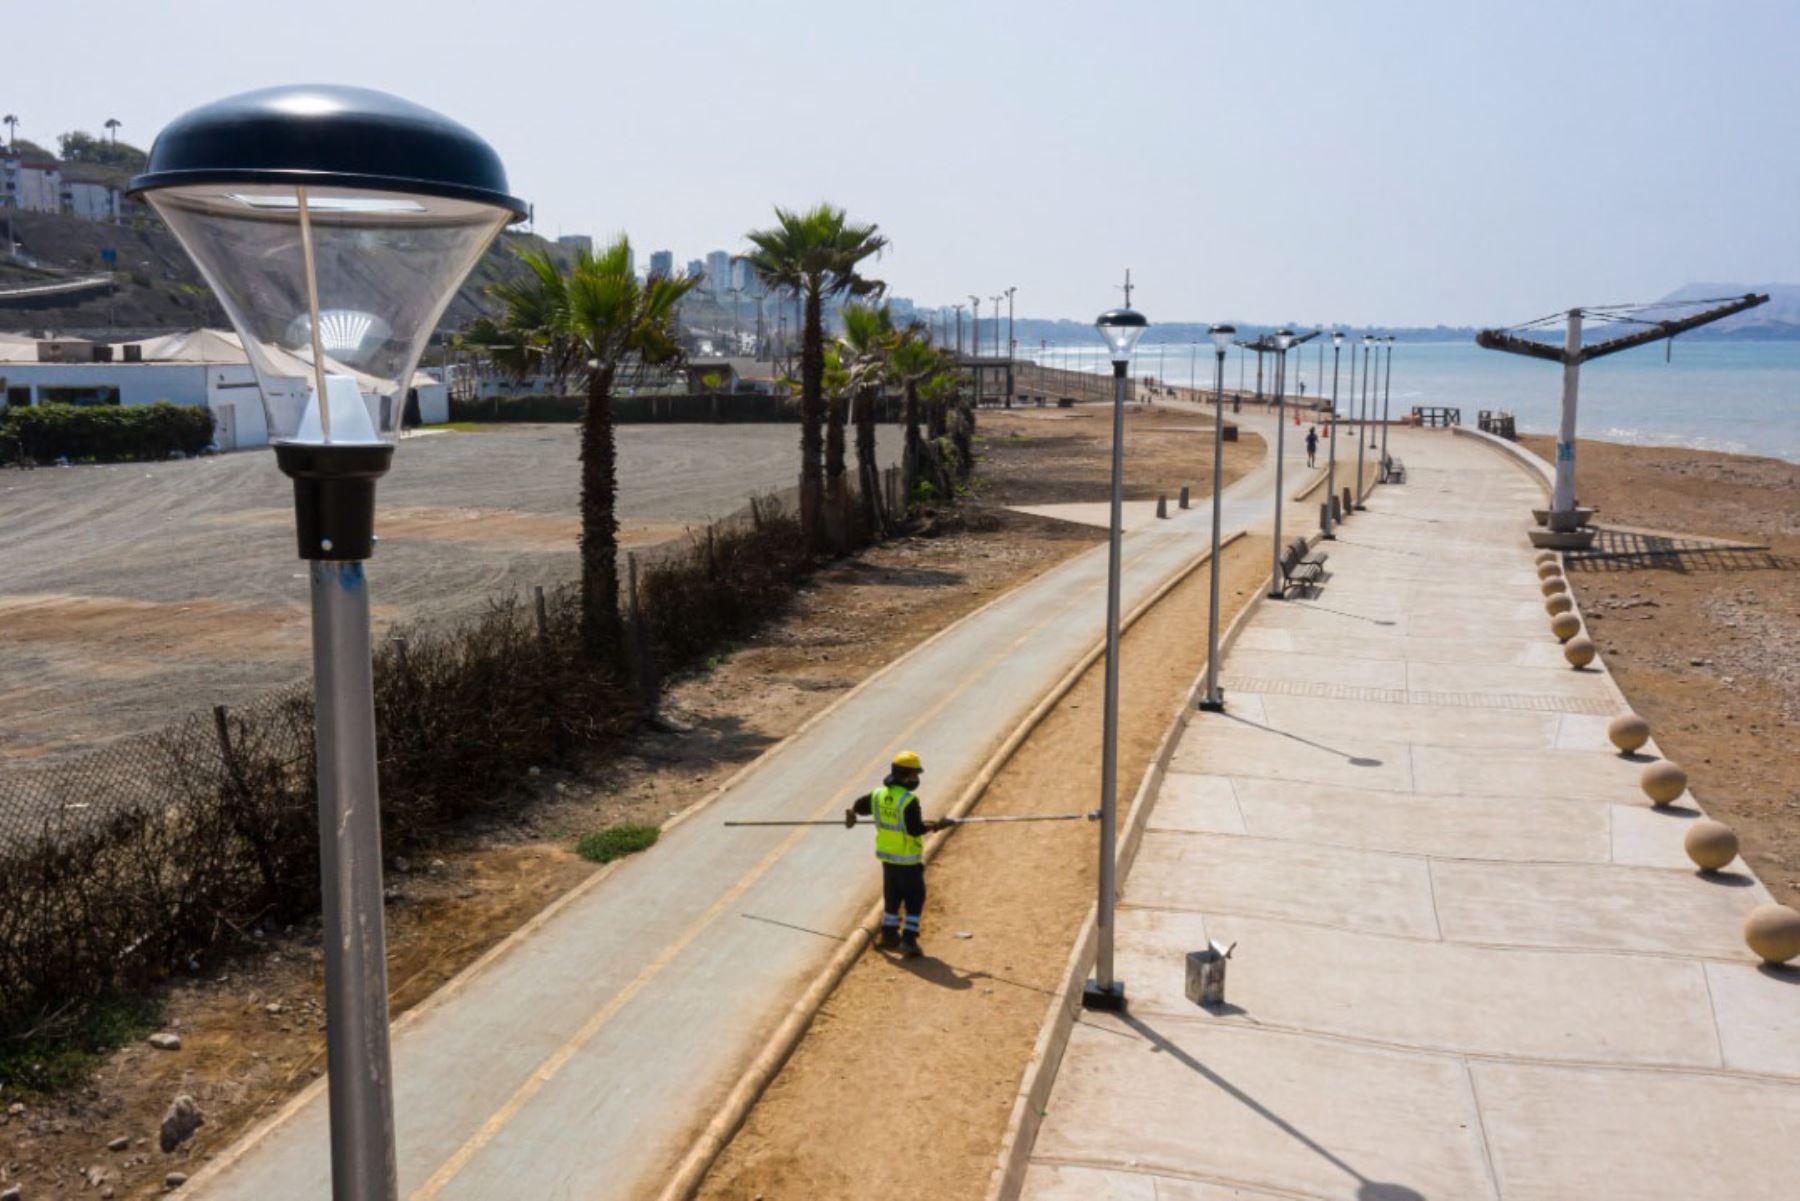 Las luminarias son de 50 watts y operan con 220 voltios; duran mucho más que otras piezas convencionales, necesitan menos energía para su funcionamiento y generan un impacto positivo en el medio ambiente. Foto: ANDINA/Municipalidad de Lima